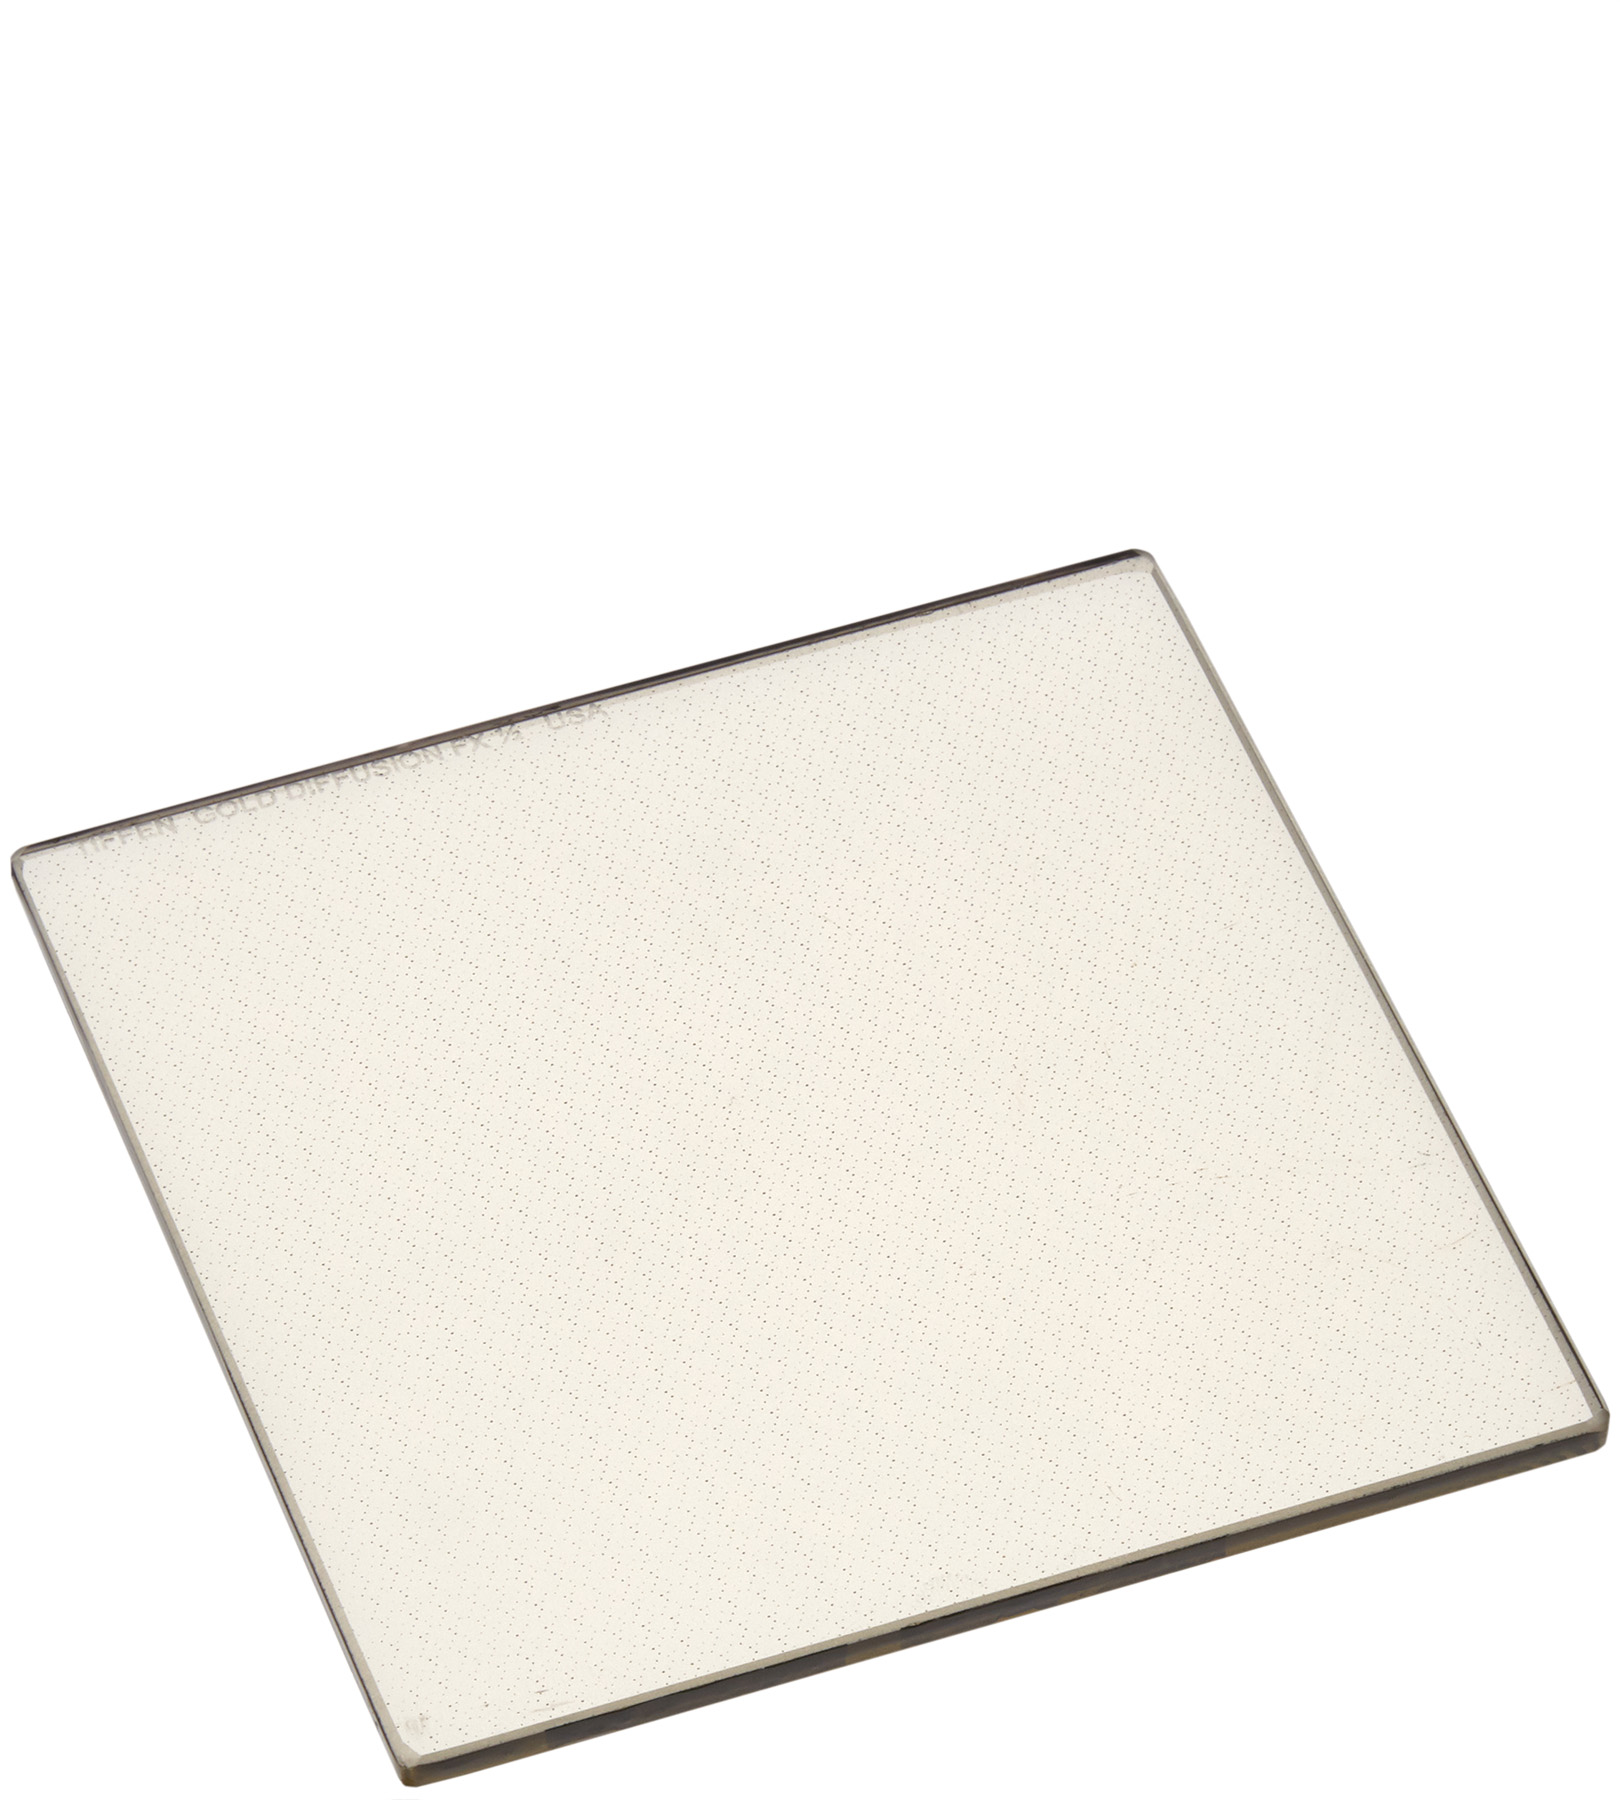 Filtro de lente 4x4 Tiffen Gold Diffusion FX 1/2